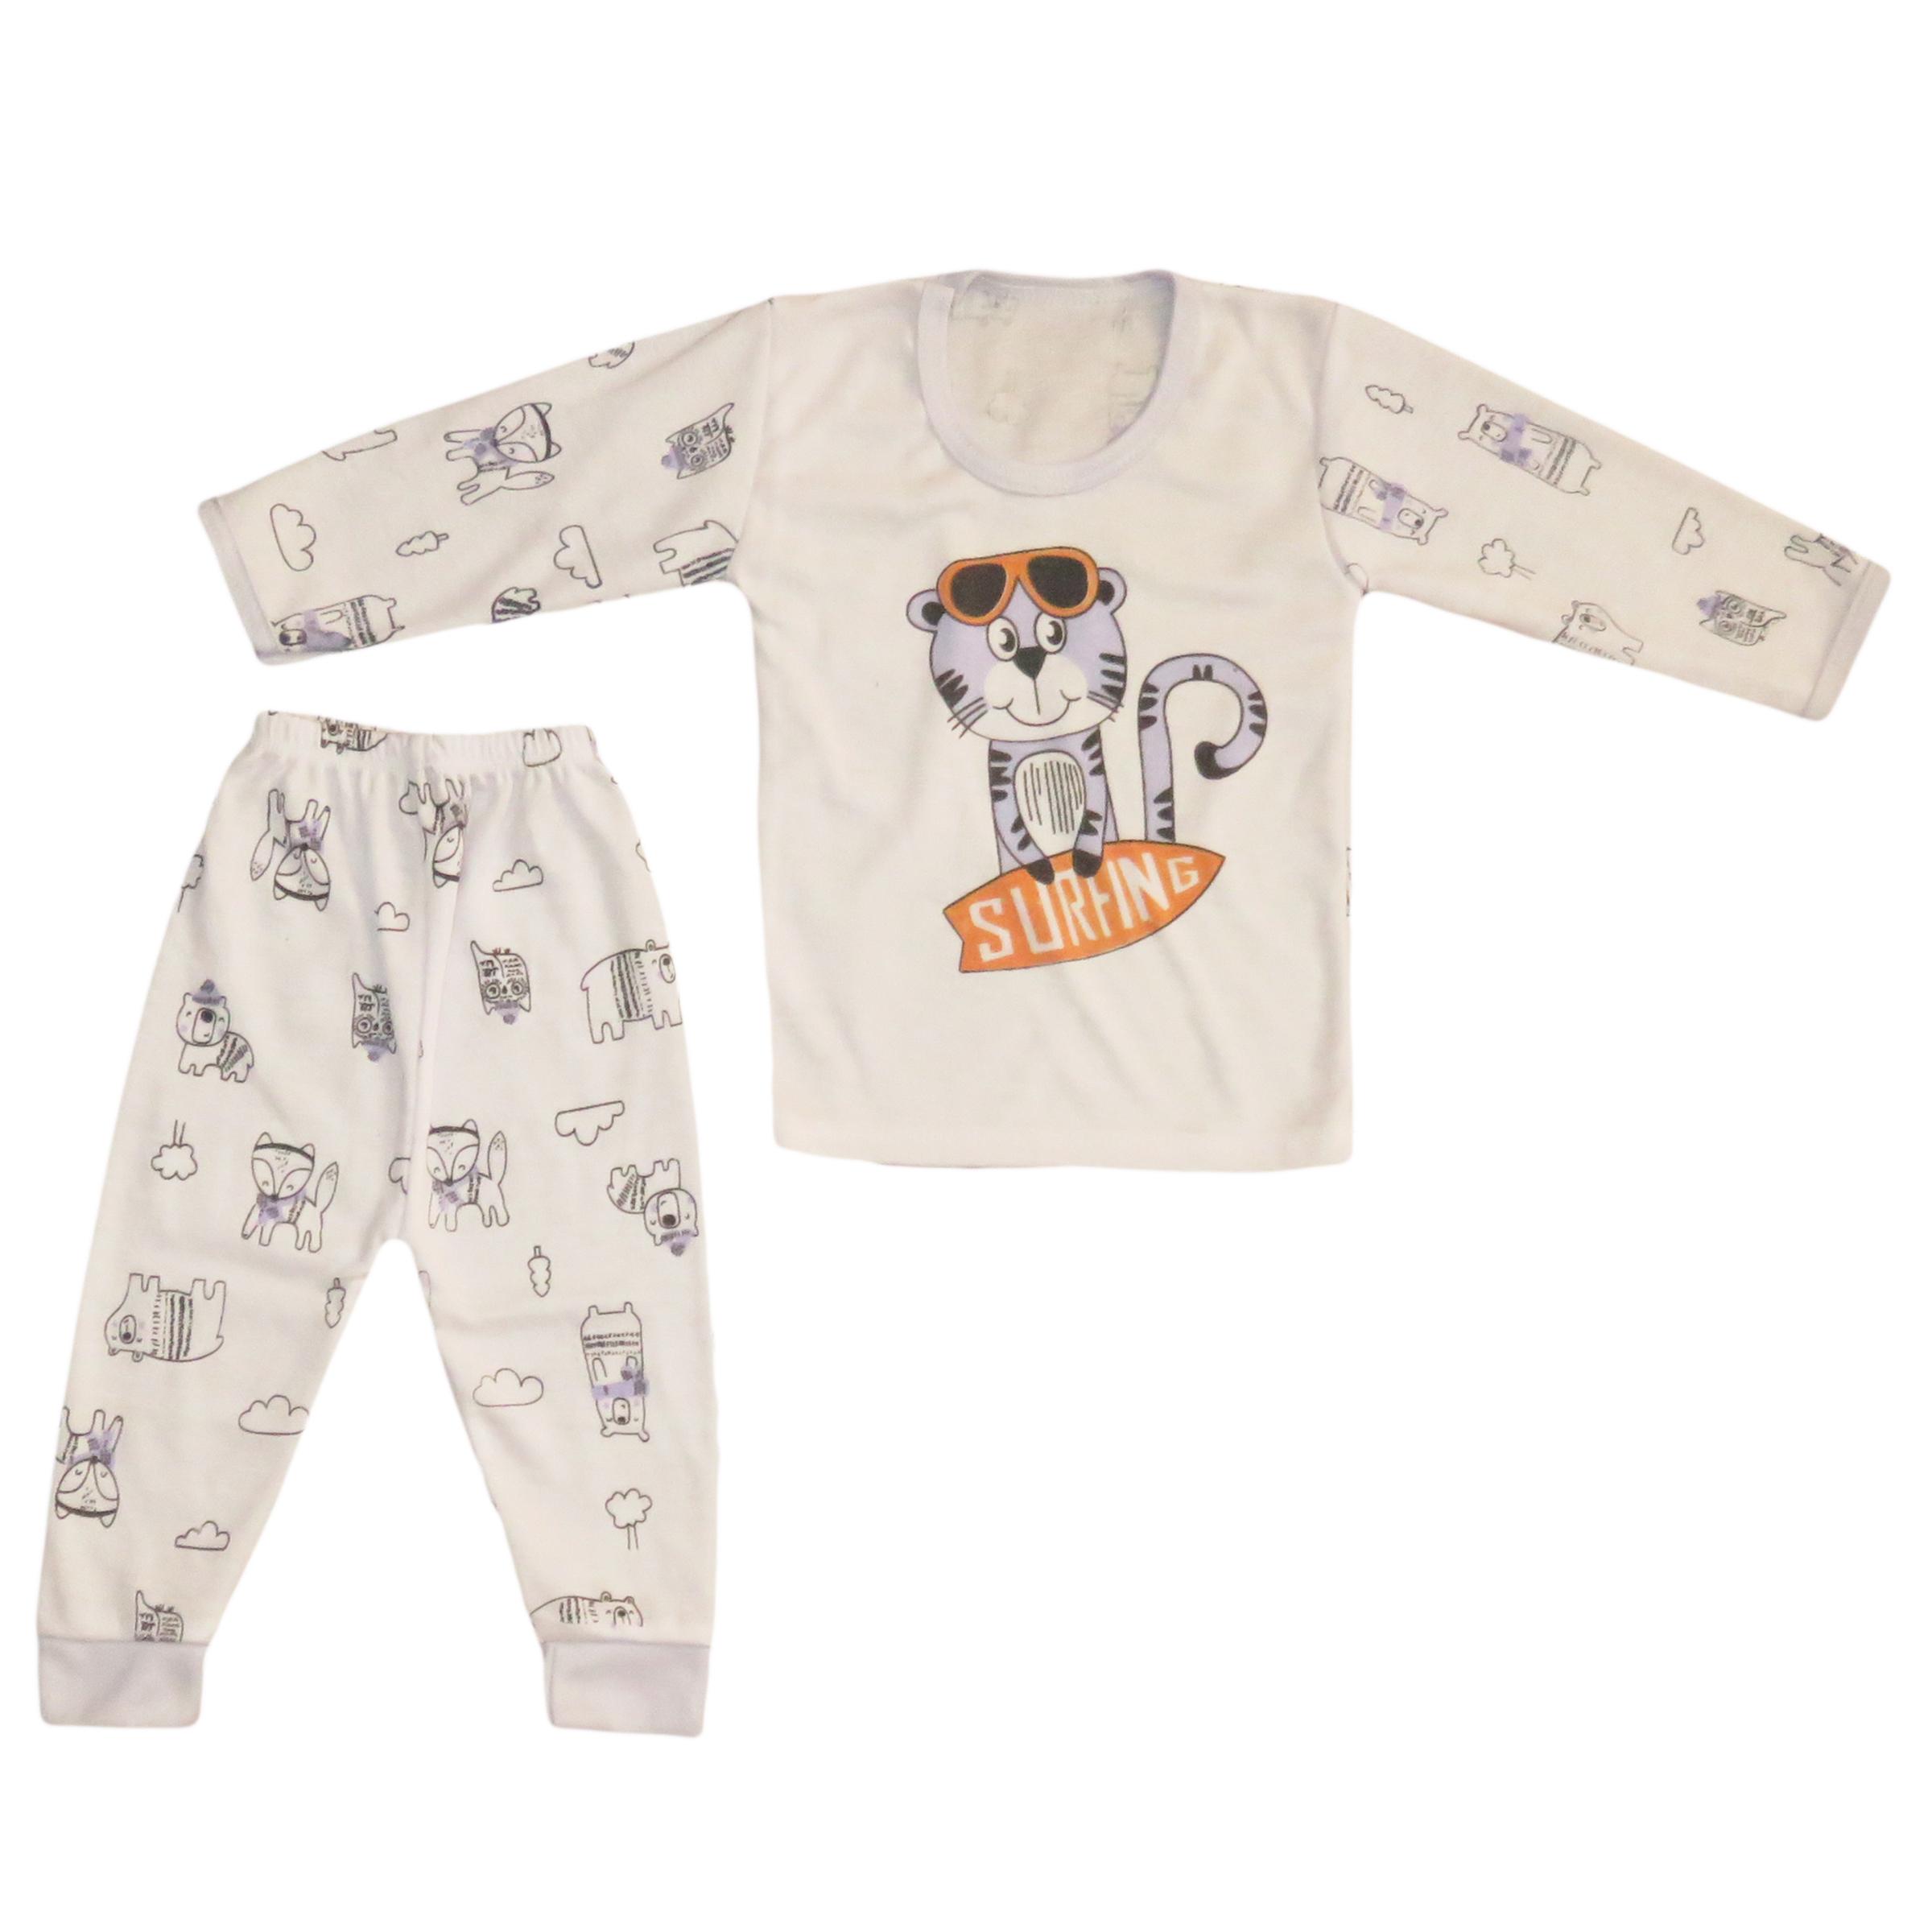 ست تی شرت و شلوار نوزادی مدل 110